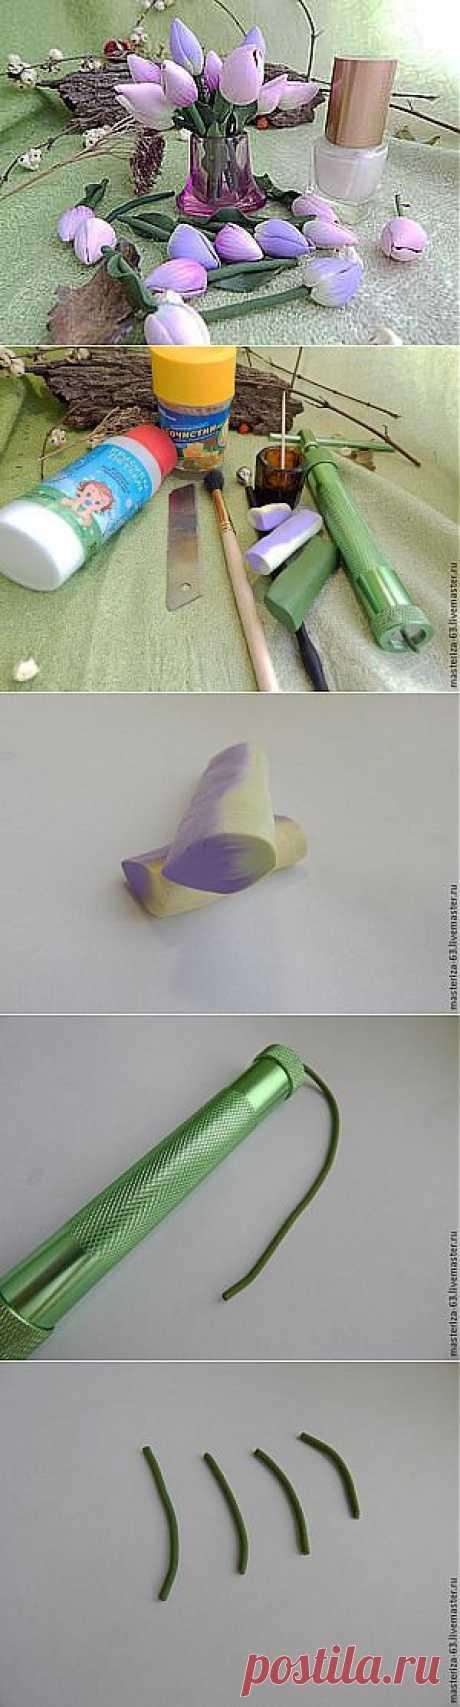 Мастер-класс: тюльпаны-крошки феи